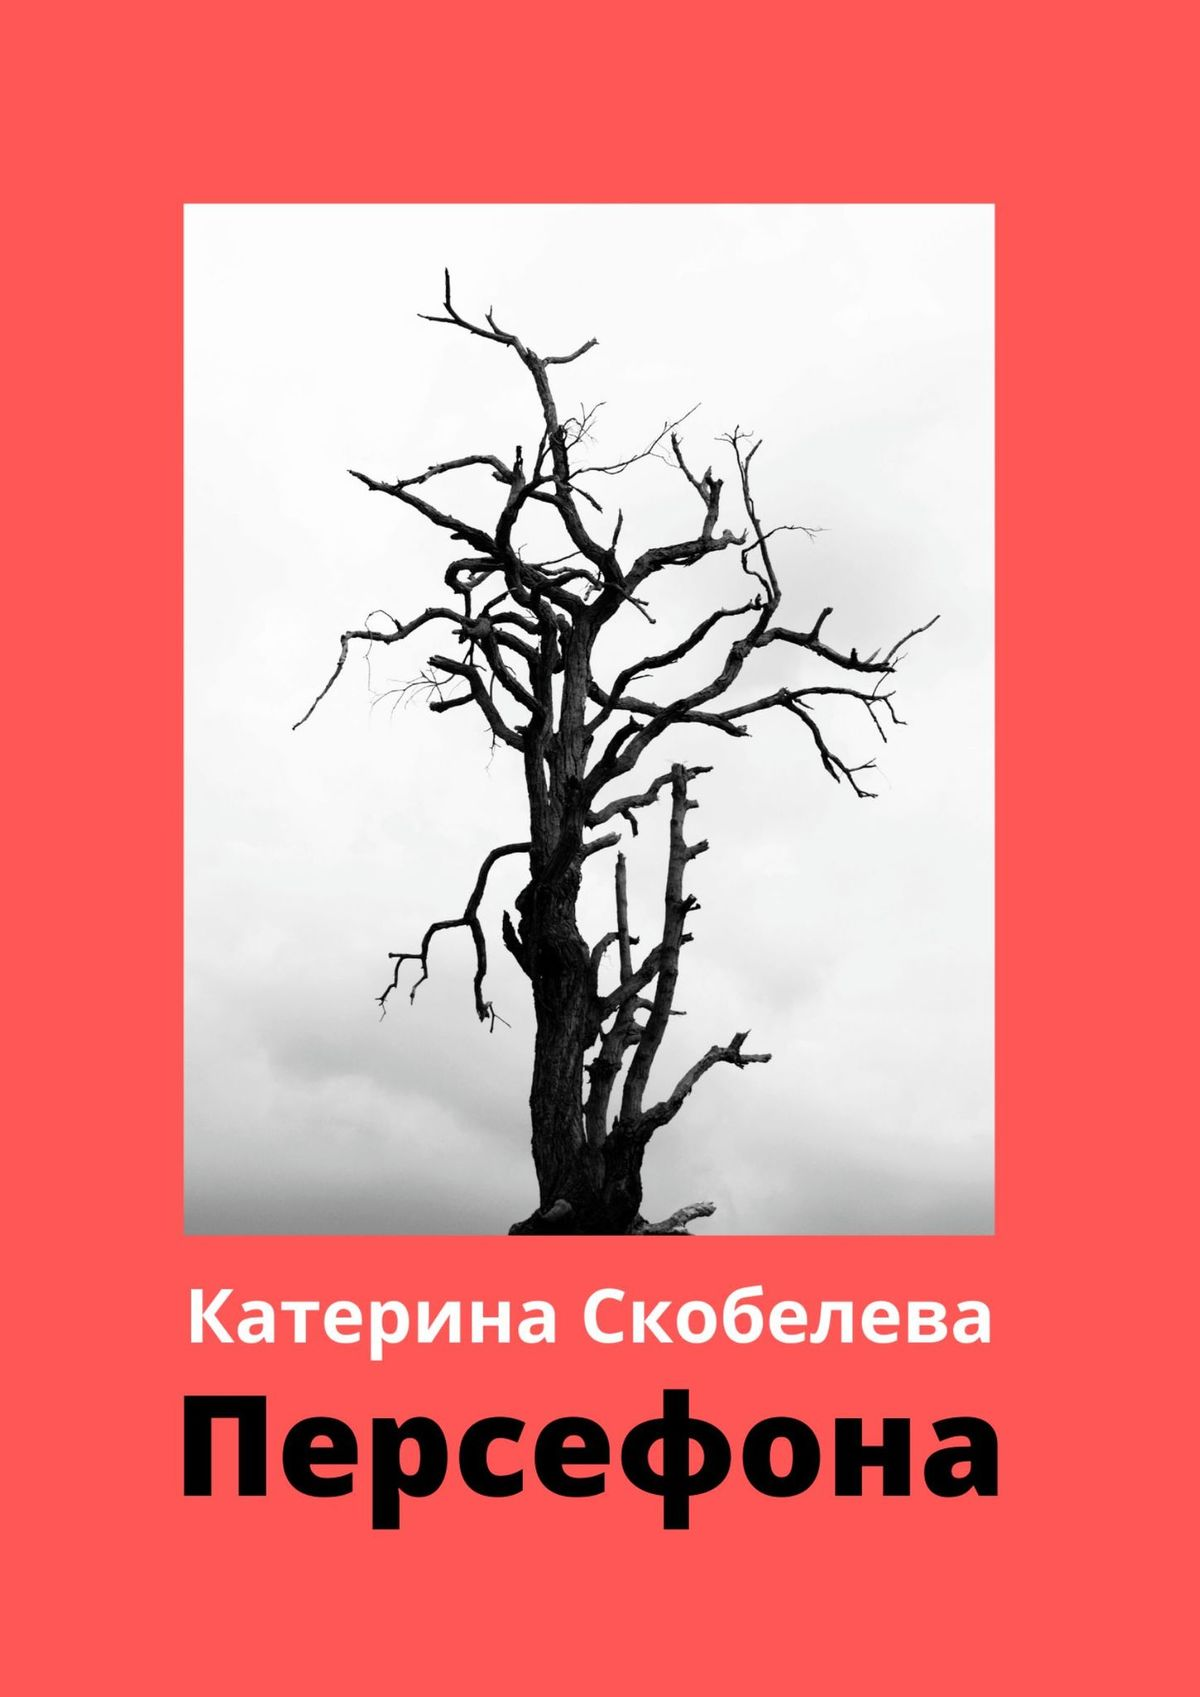 цена на Катерина Скобелева Персефона